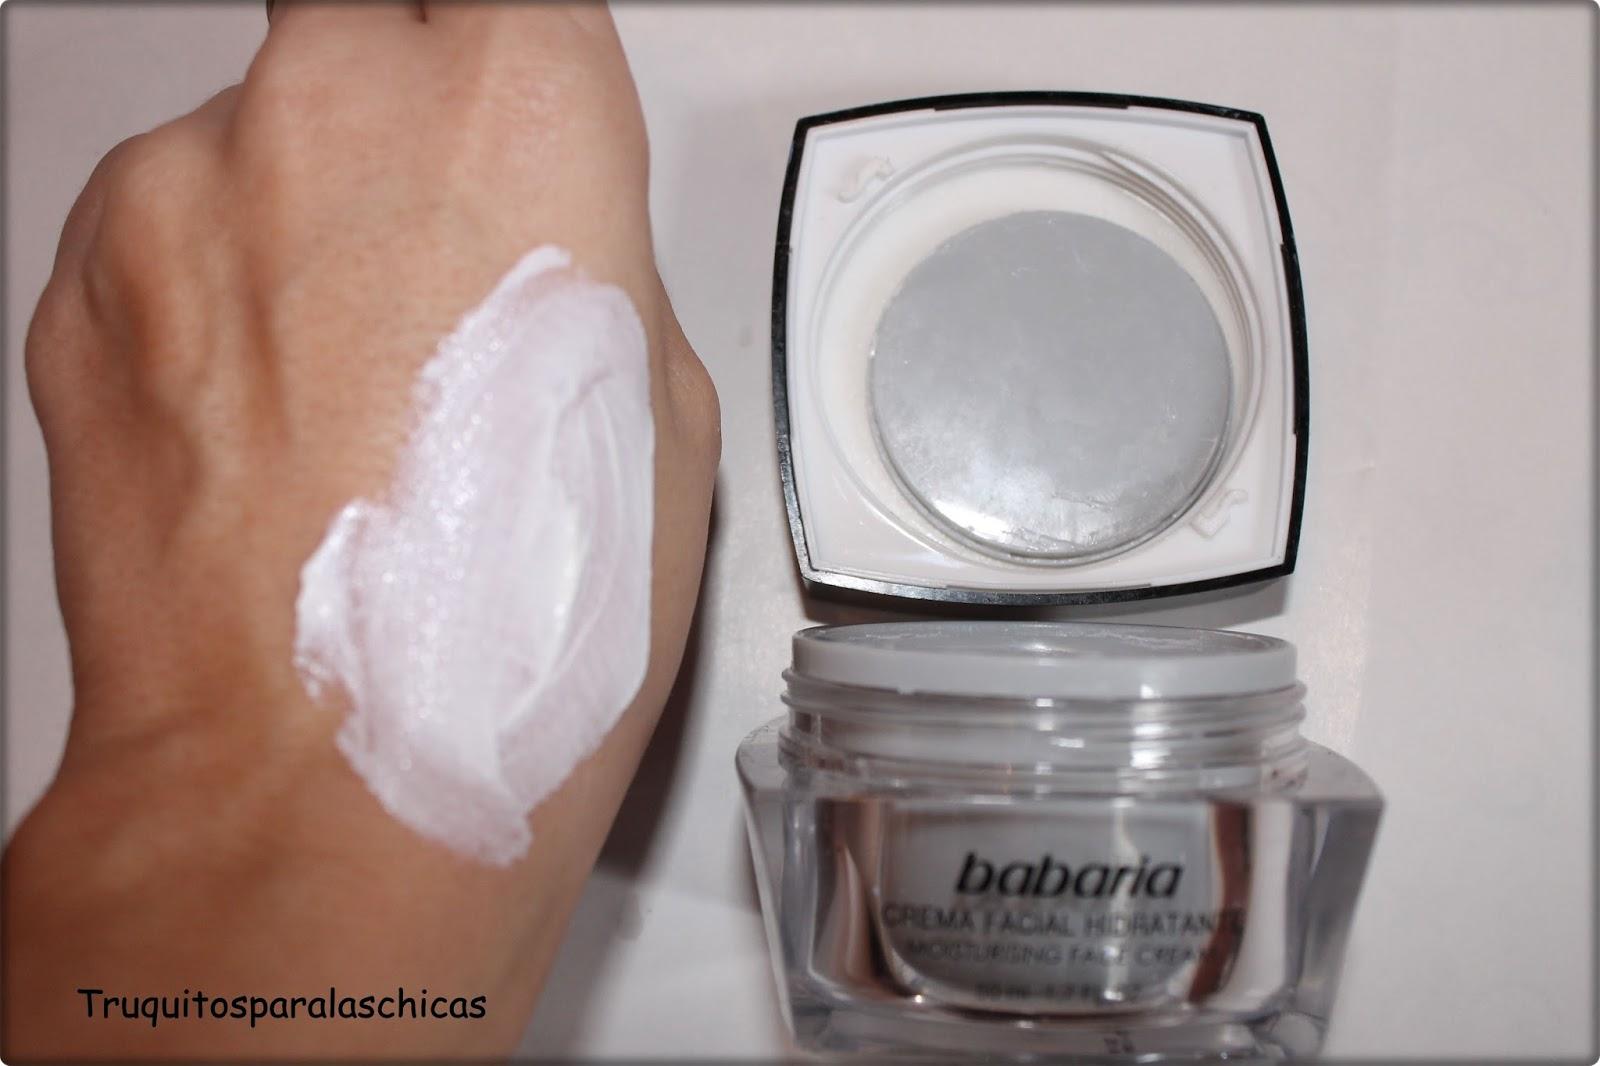 crema facial de babaria